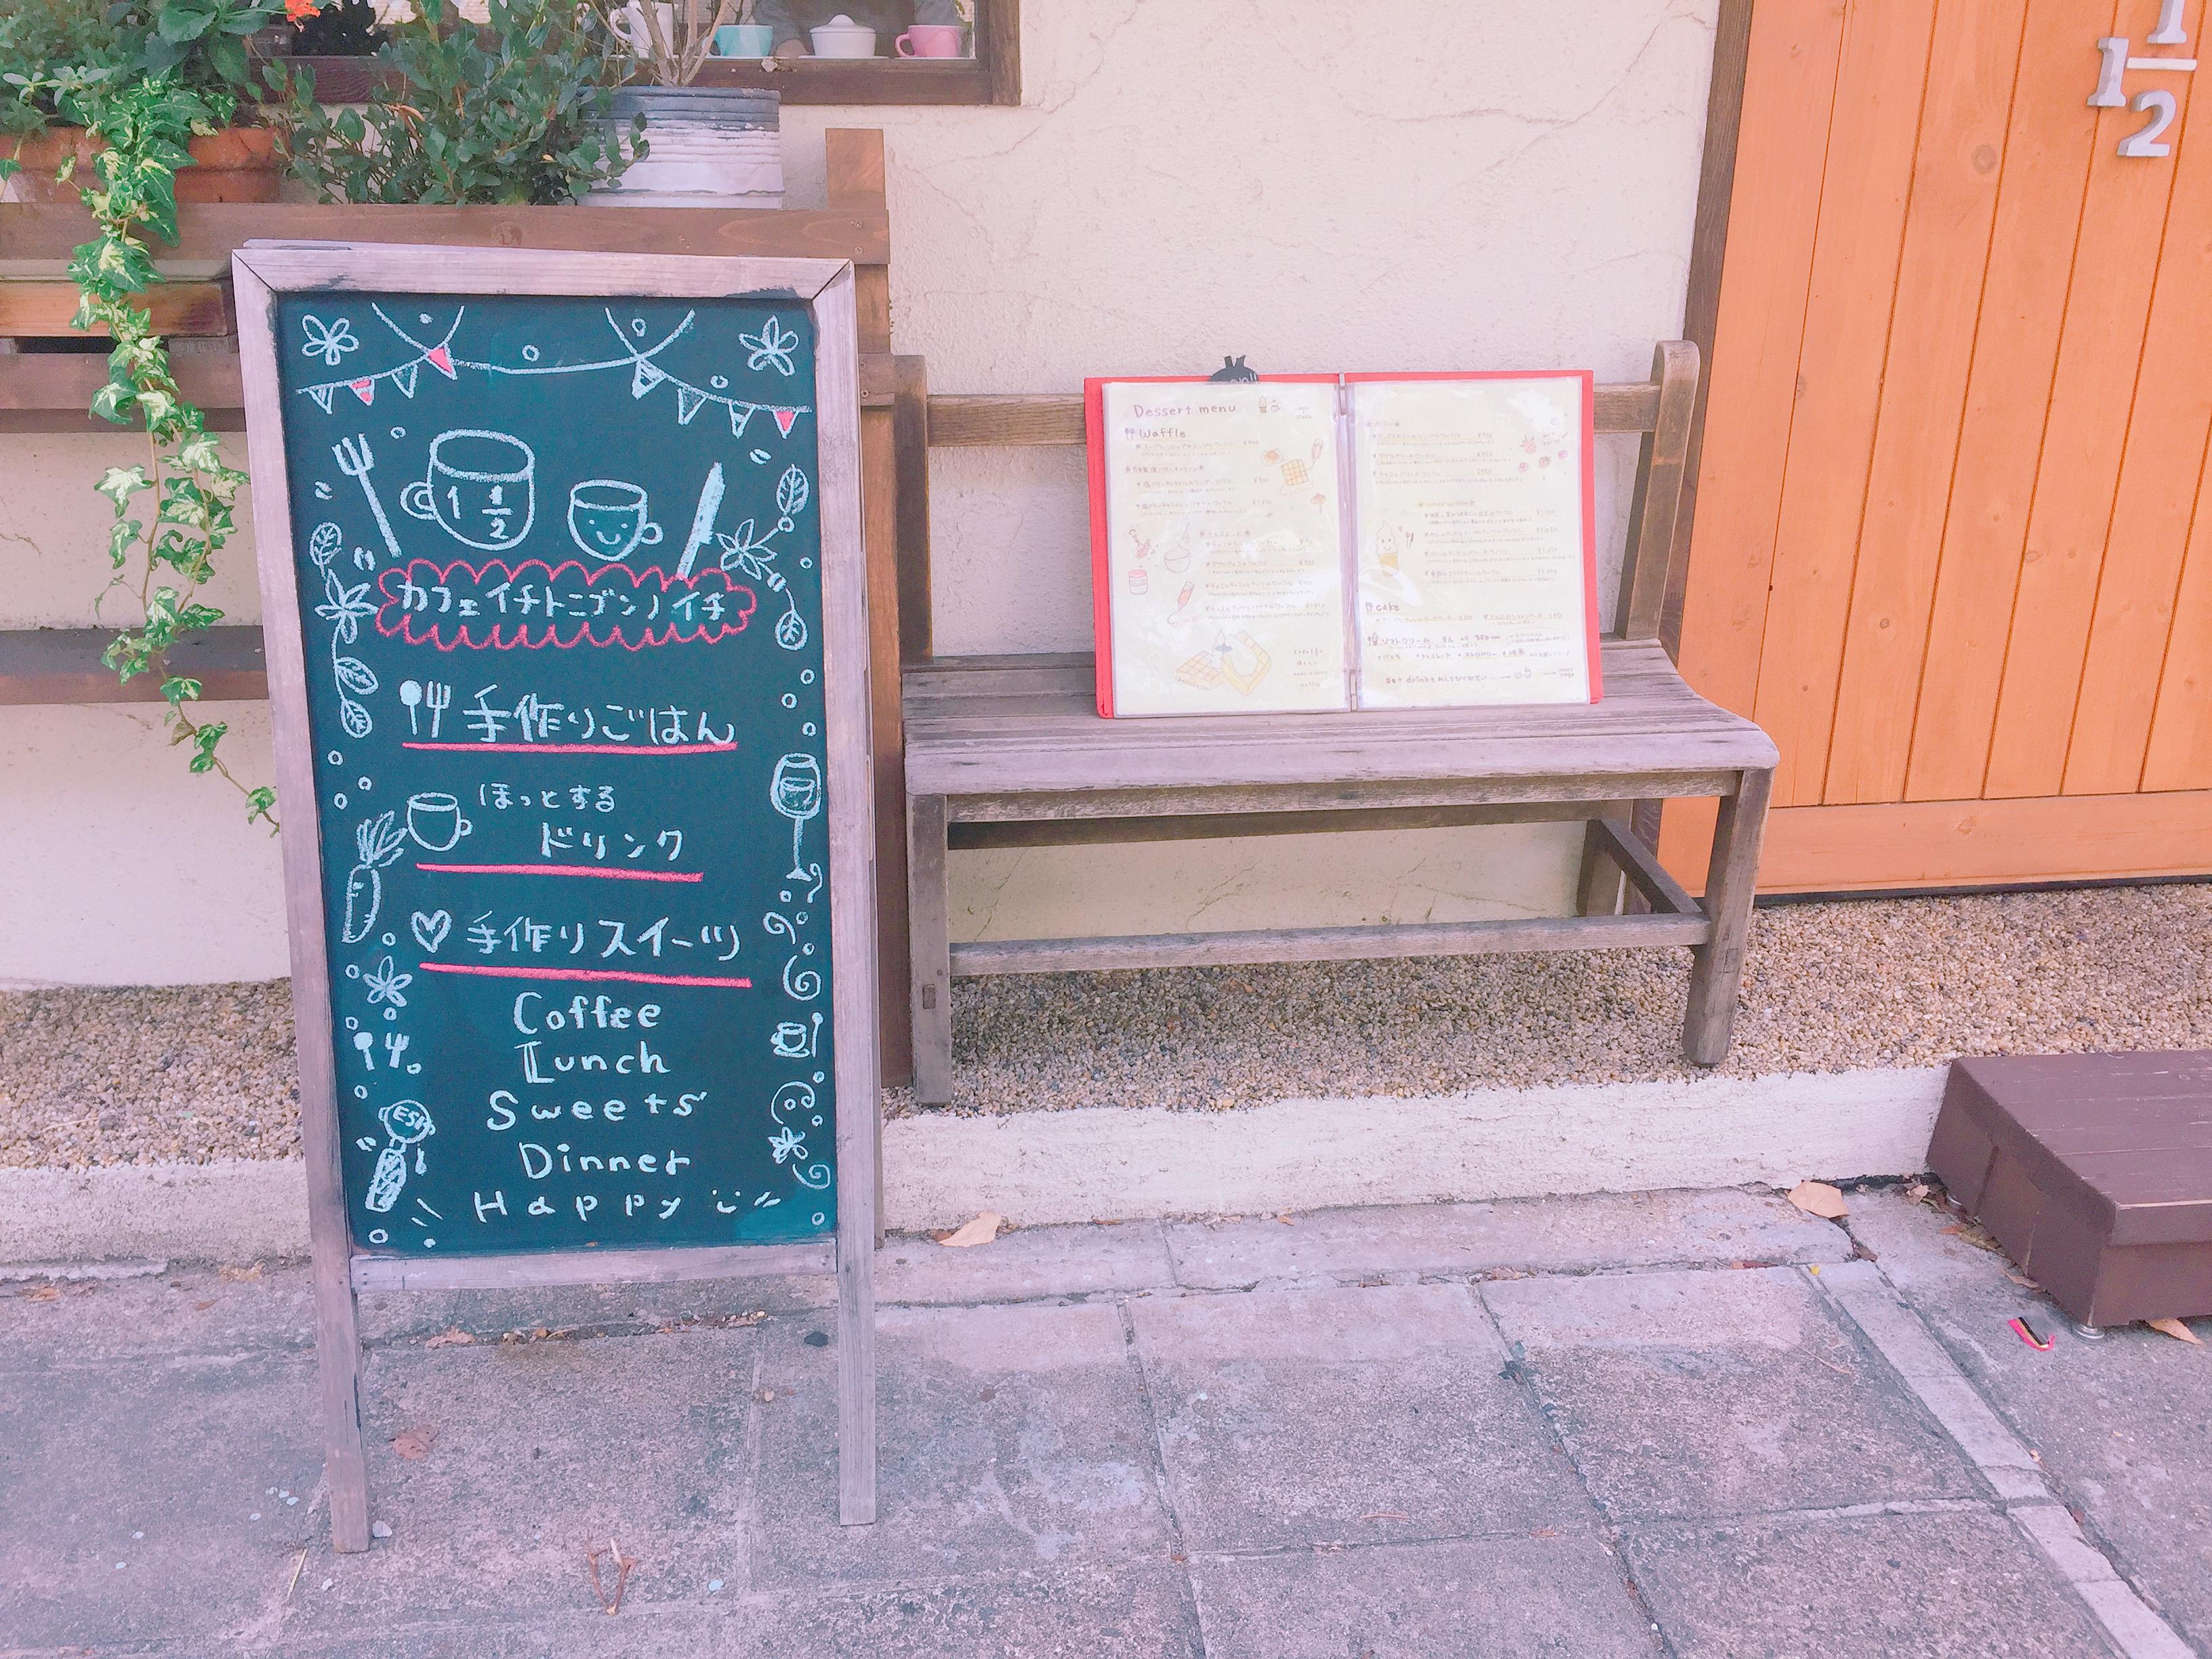 【閉店】上前津のかわいすぎる小さなカフェ「カフェ イチトニブンノイチ」に行ってきた - IMG 6626